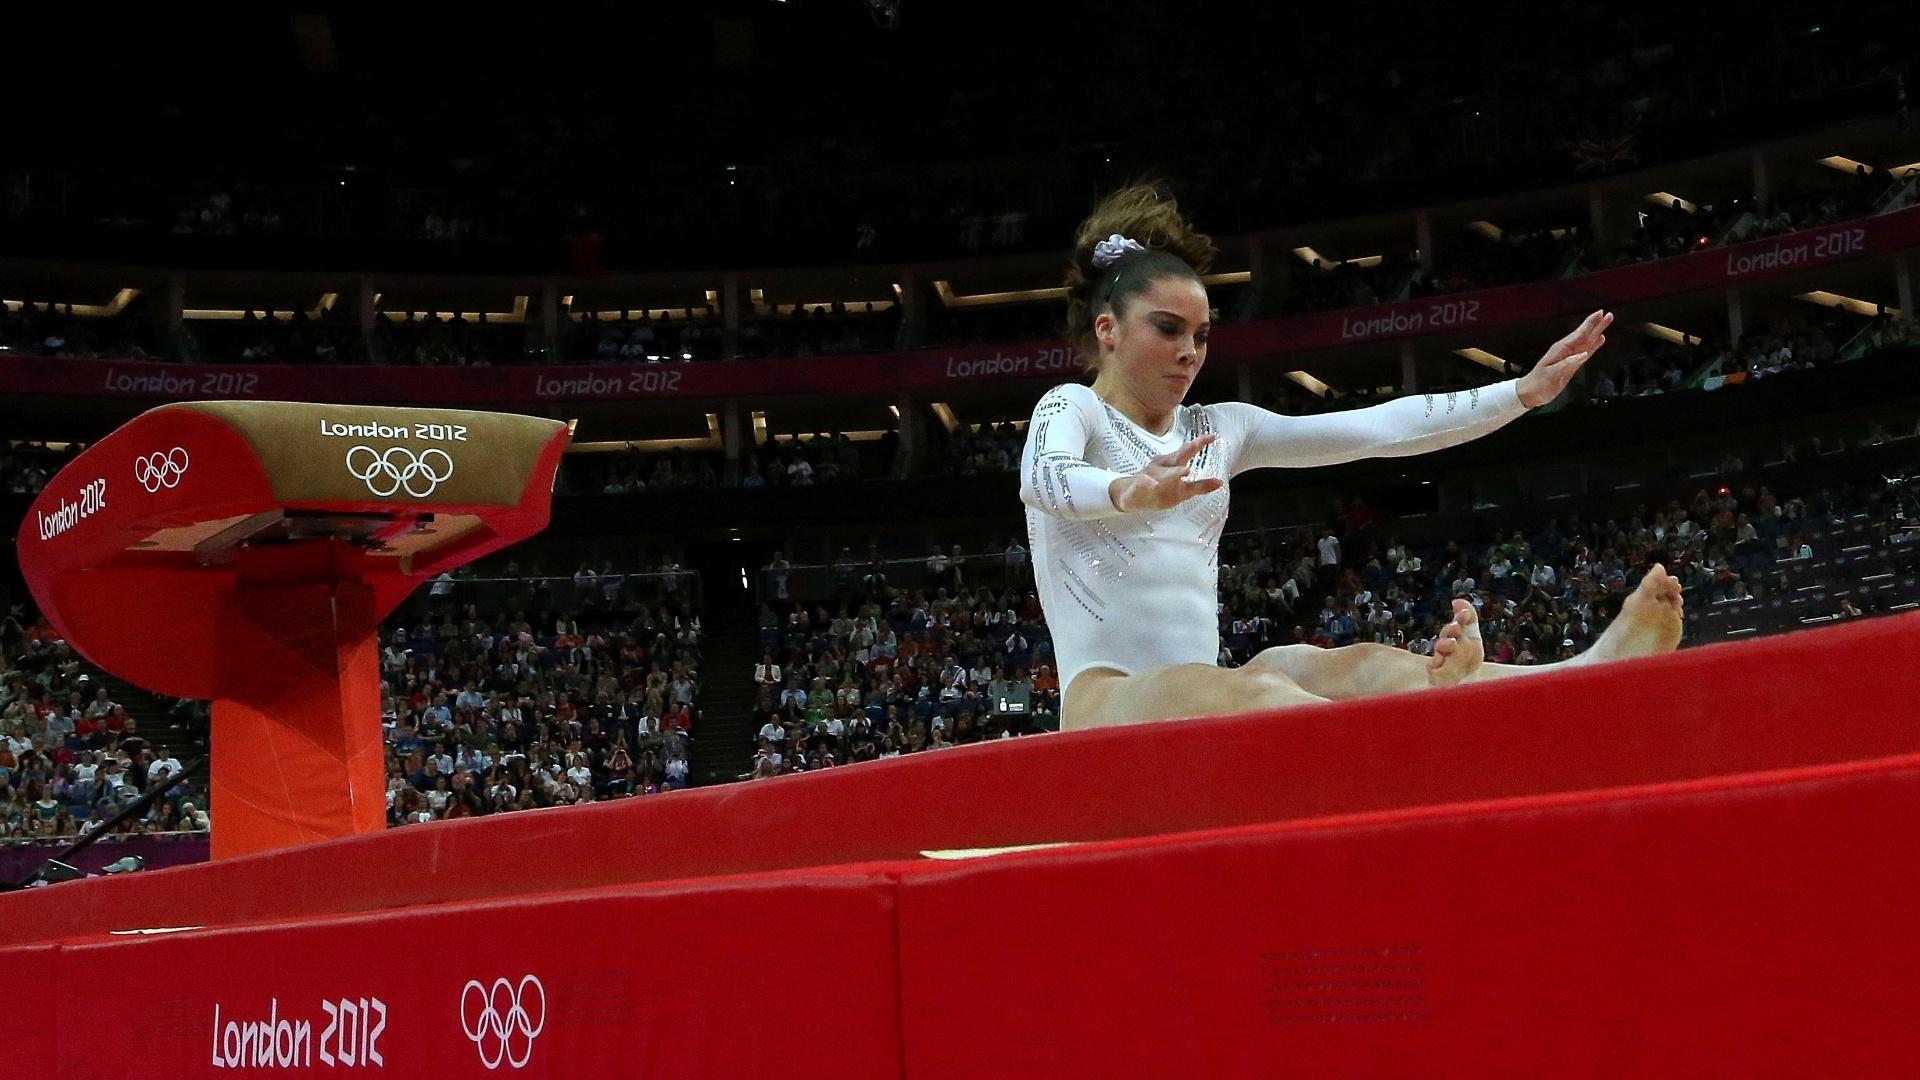 Favorita ao ouro, McKayla Maroney caiu em sua segunda tentativa na final de salto e teve de se contentar com a medalha de prata